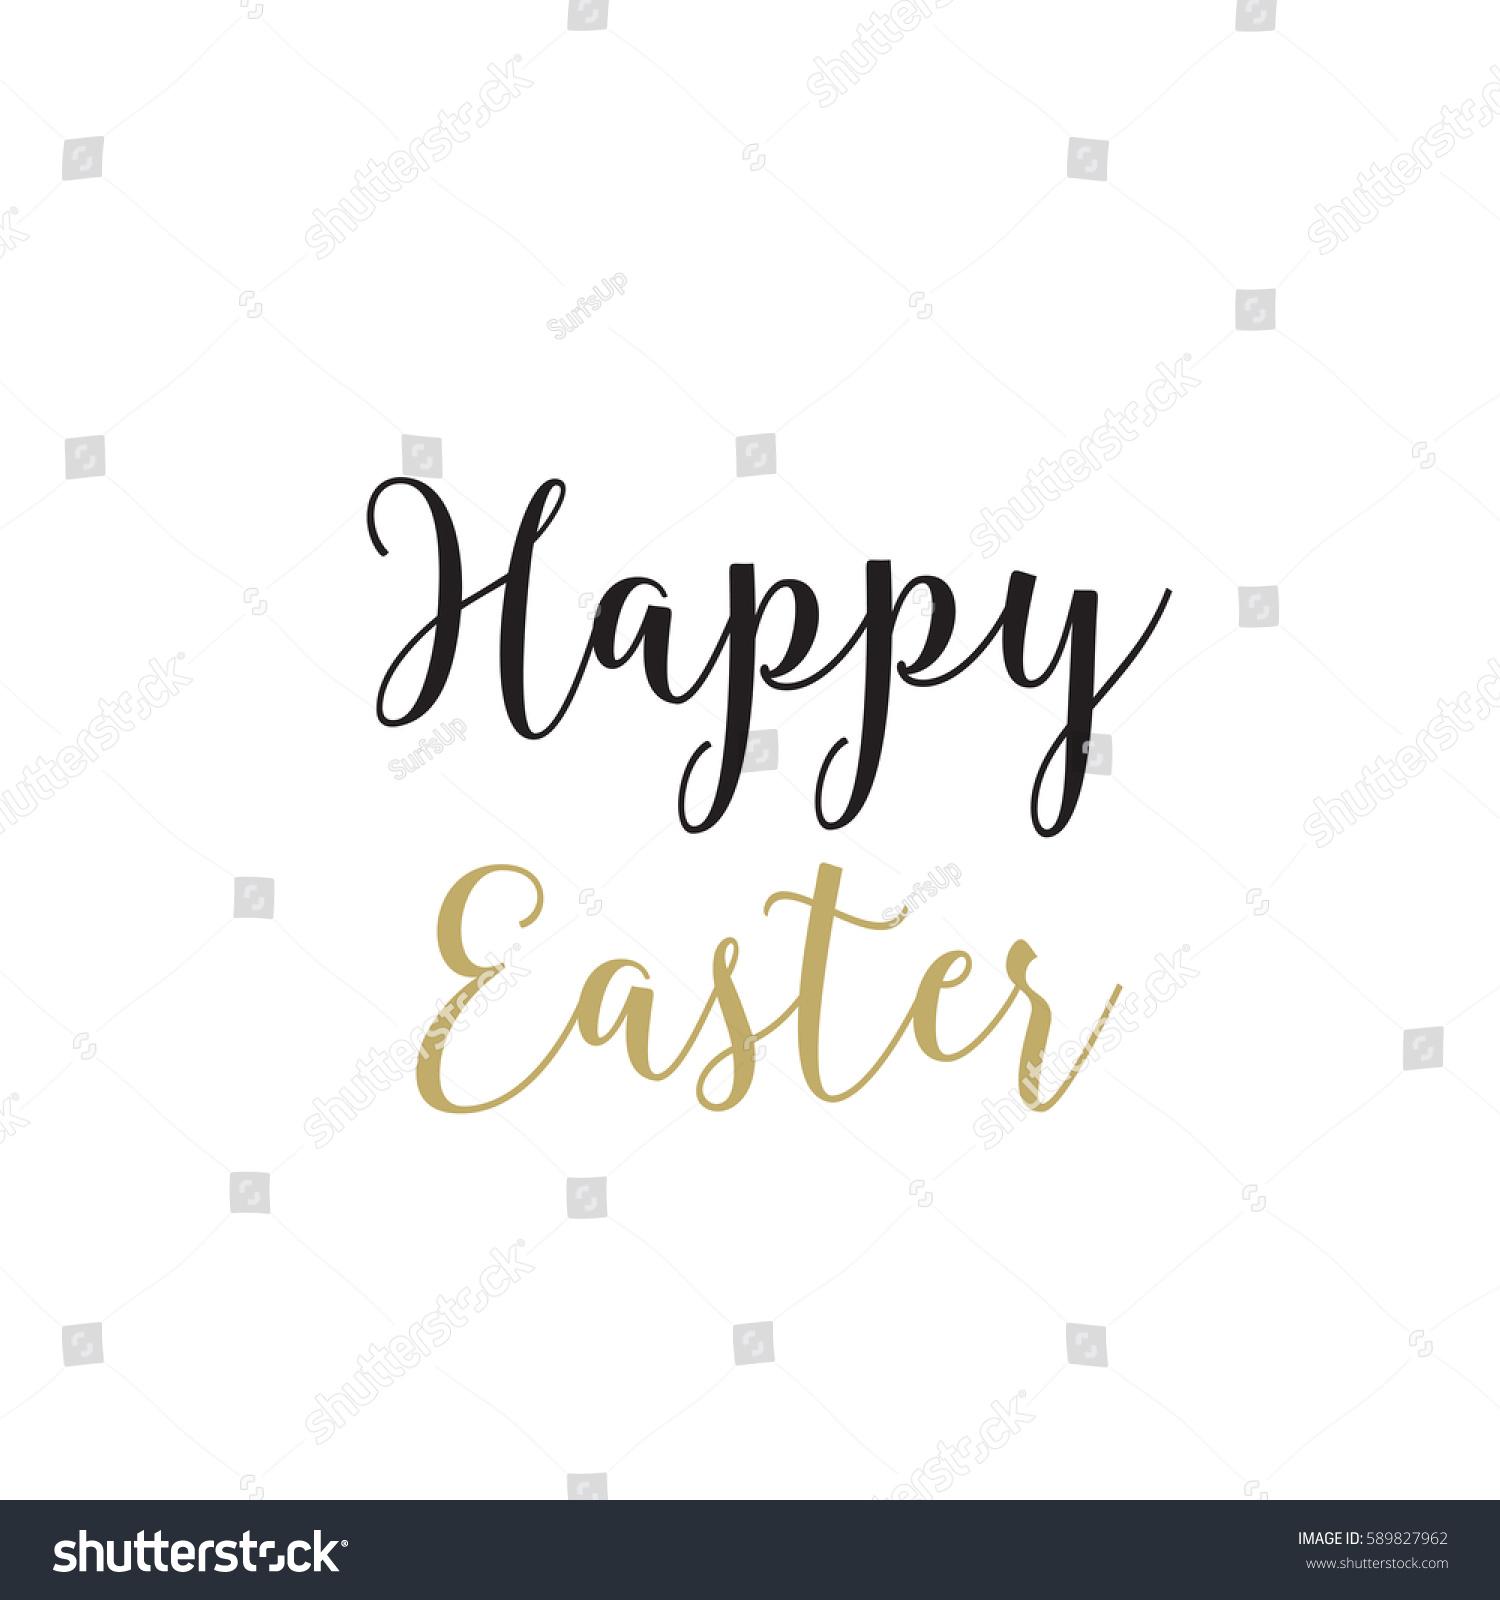 Happy Easter Calligraphy Stock-vektorgrafik 589827962 - Shutterstock